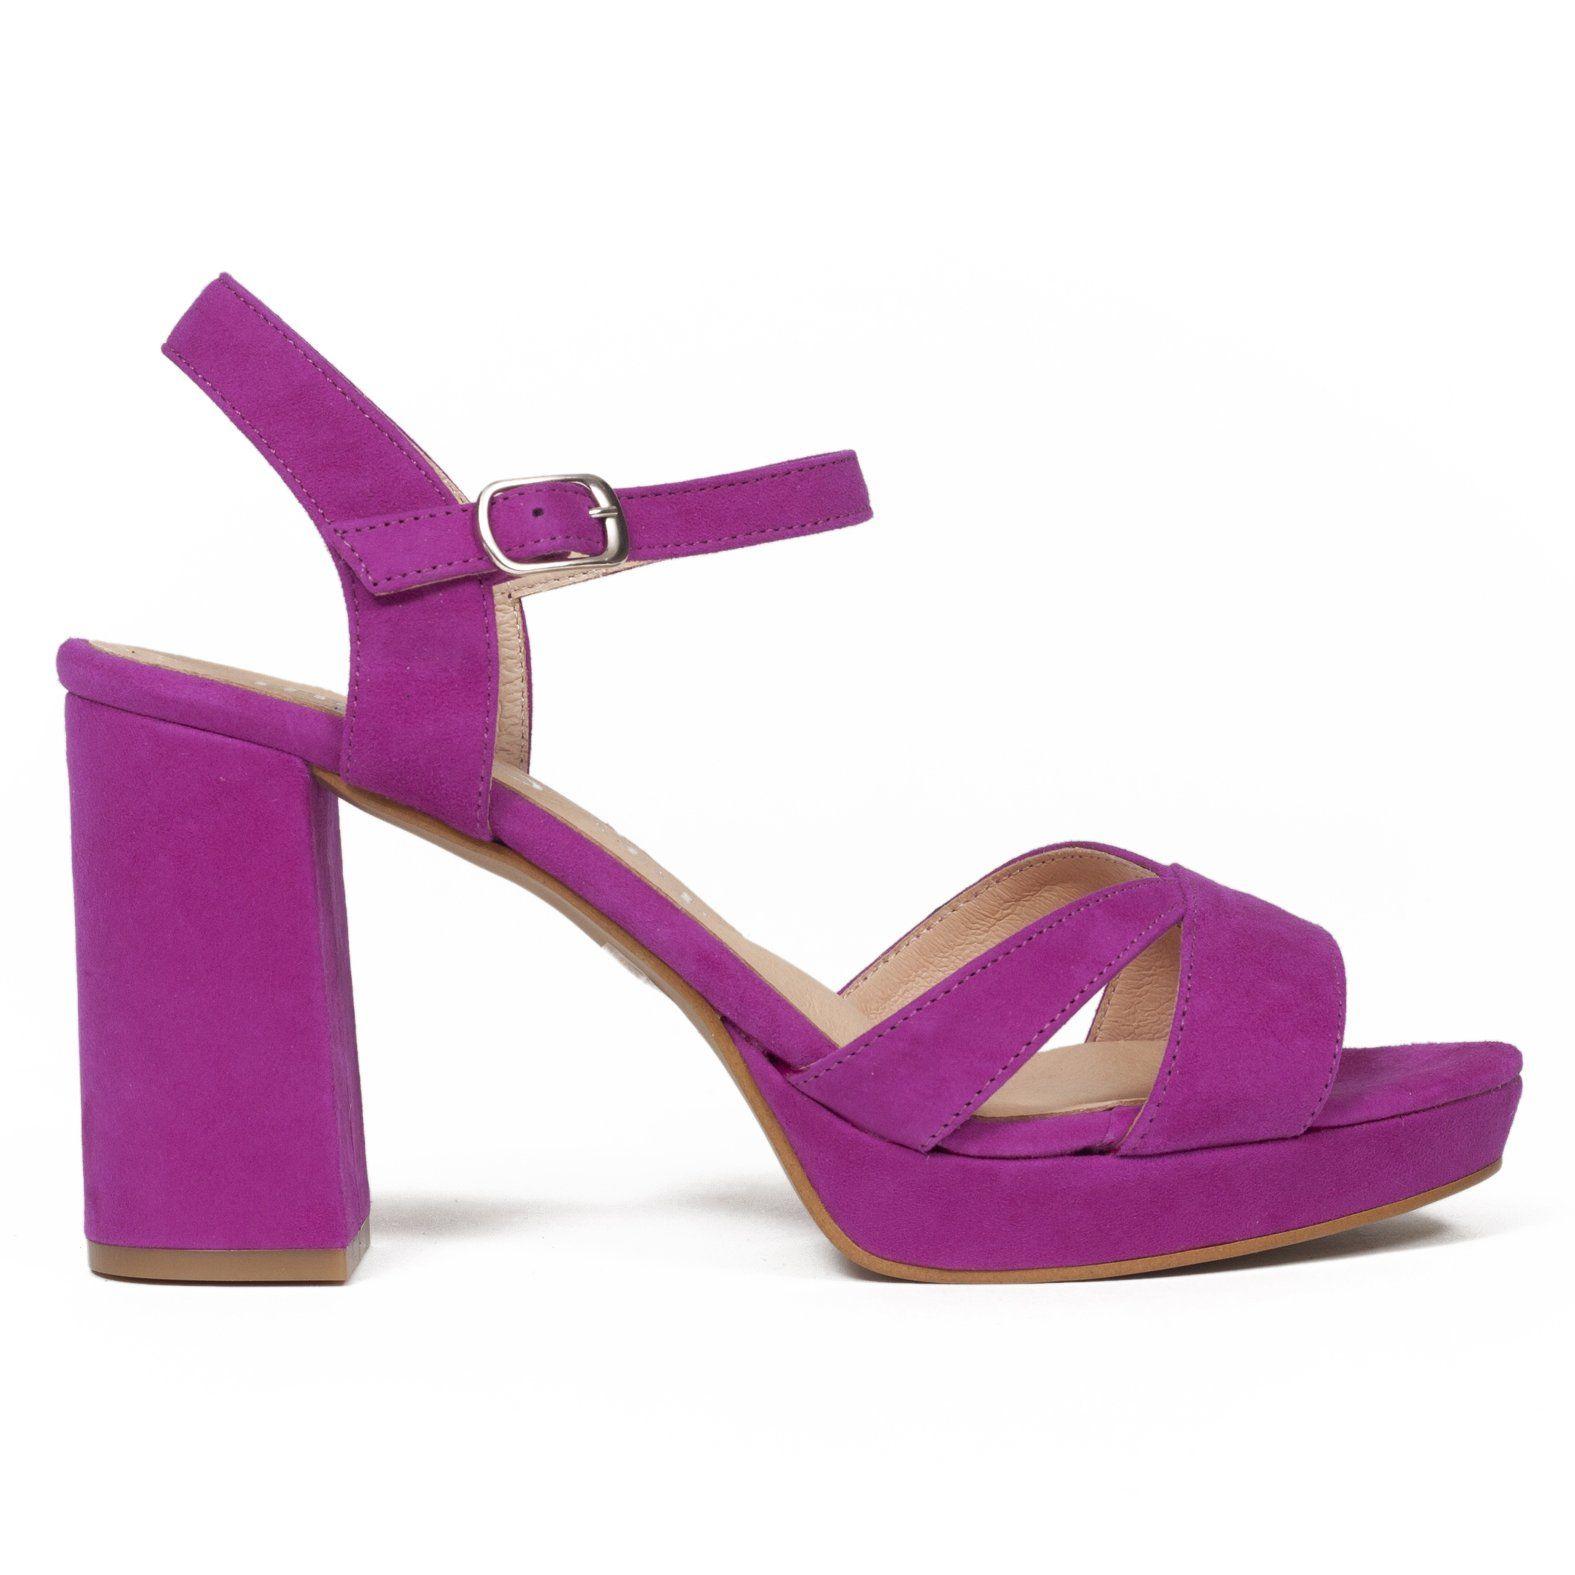 4e55f885 Sandalia plataforma con tiras de piel Morado - miMaO Spain – miMaO  ShopOnline